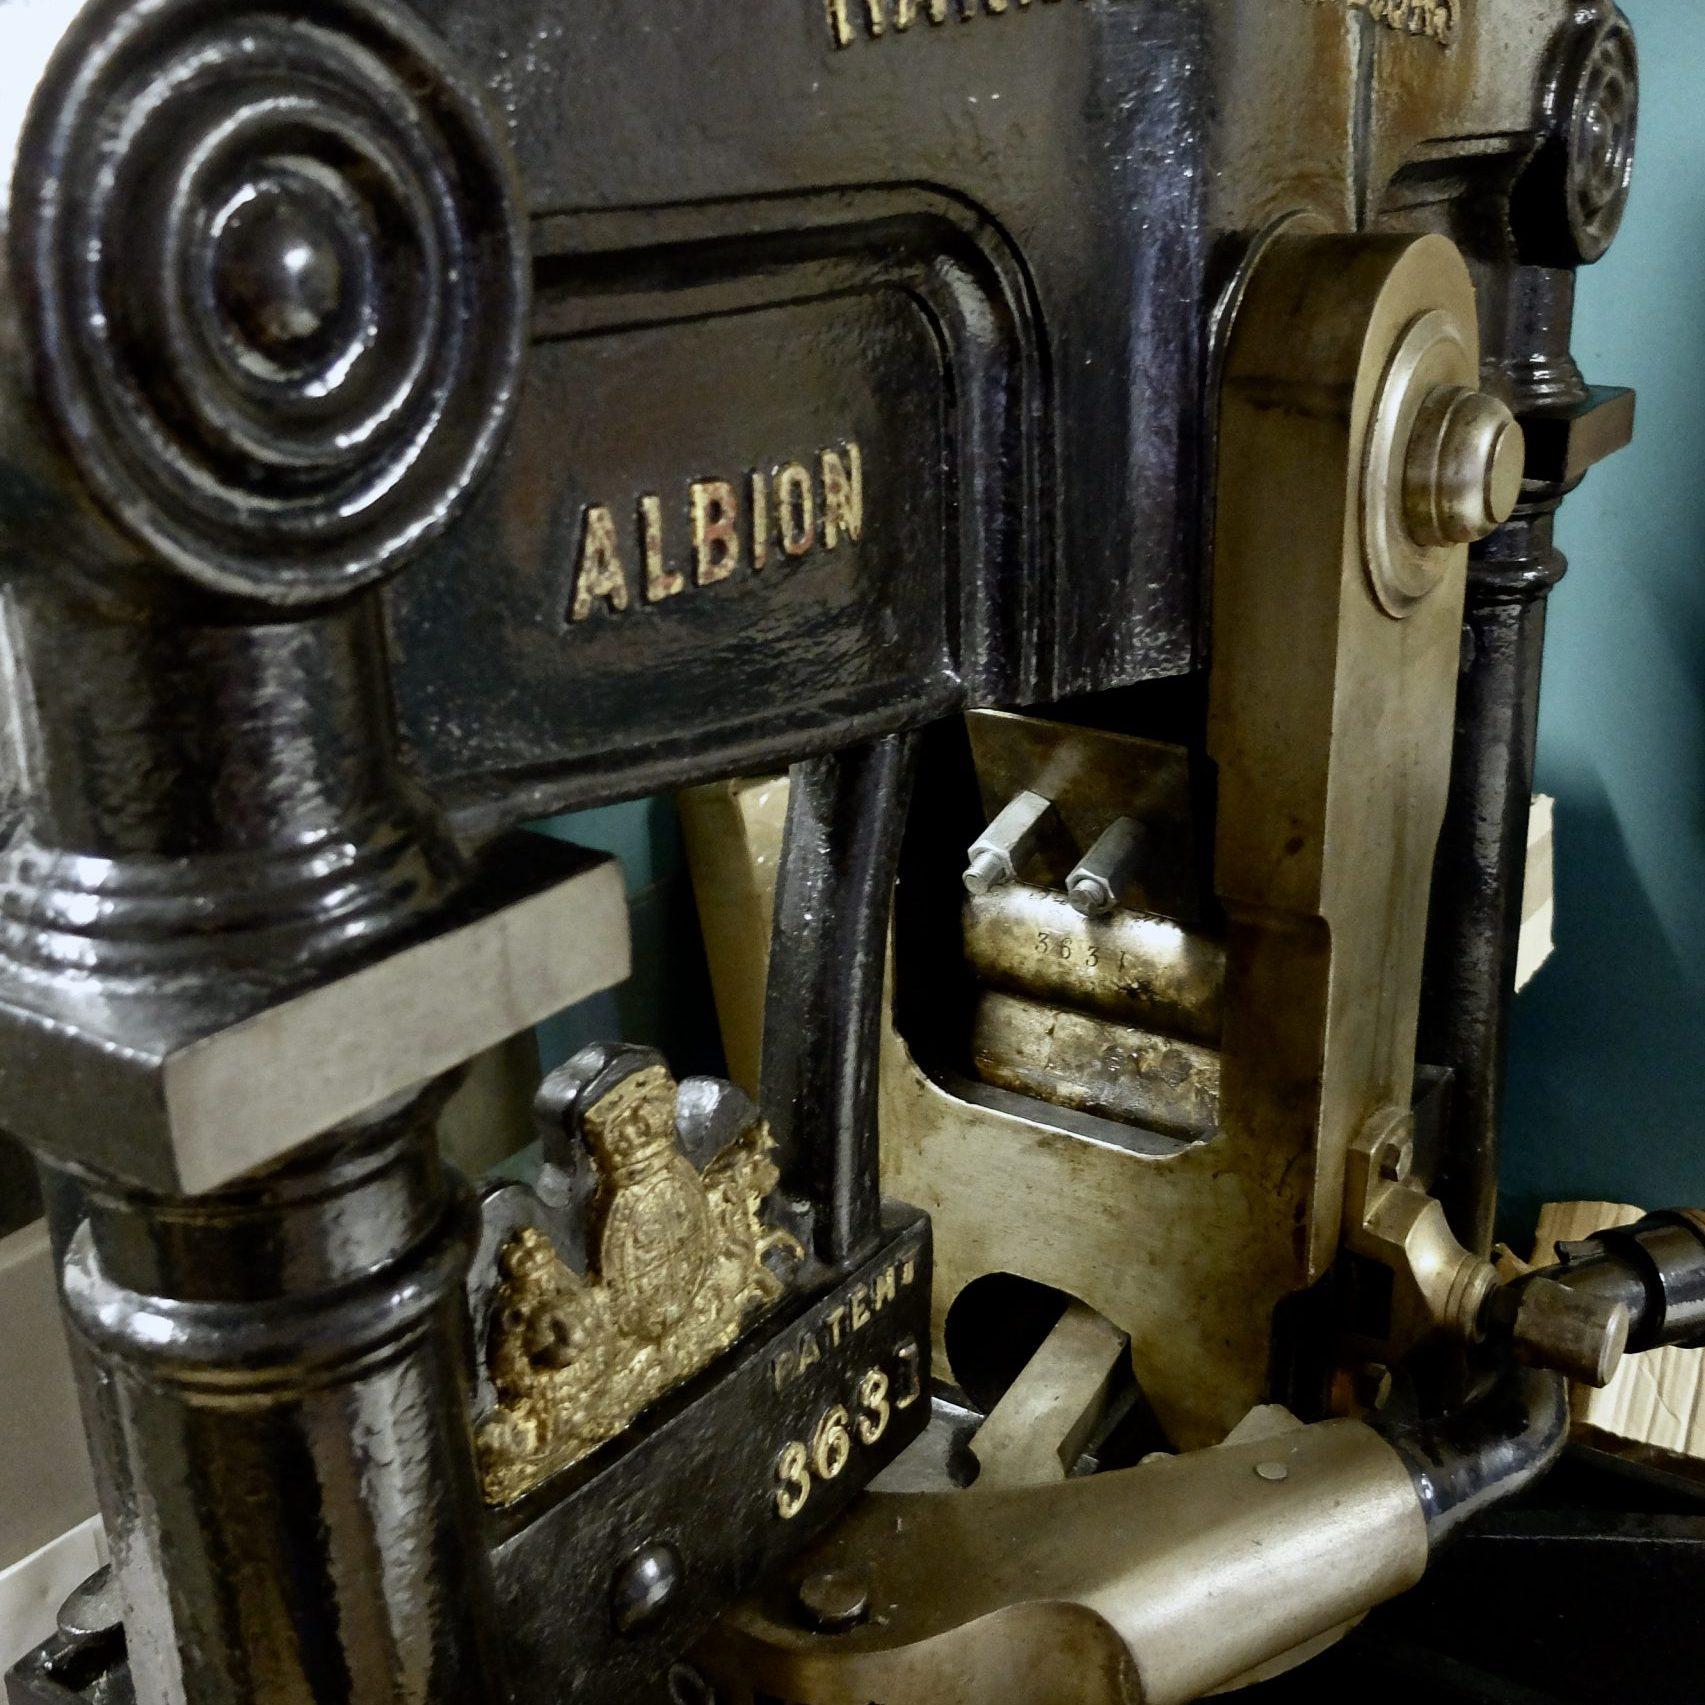 Dekkle Members: Book Albion Press